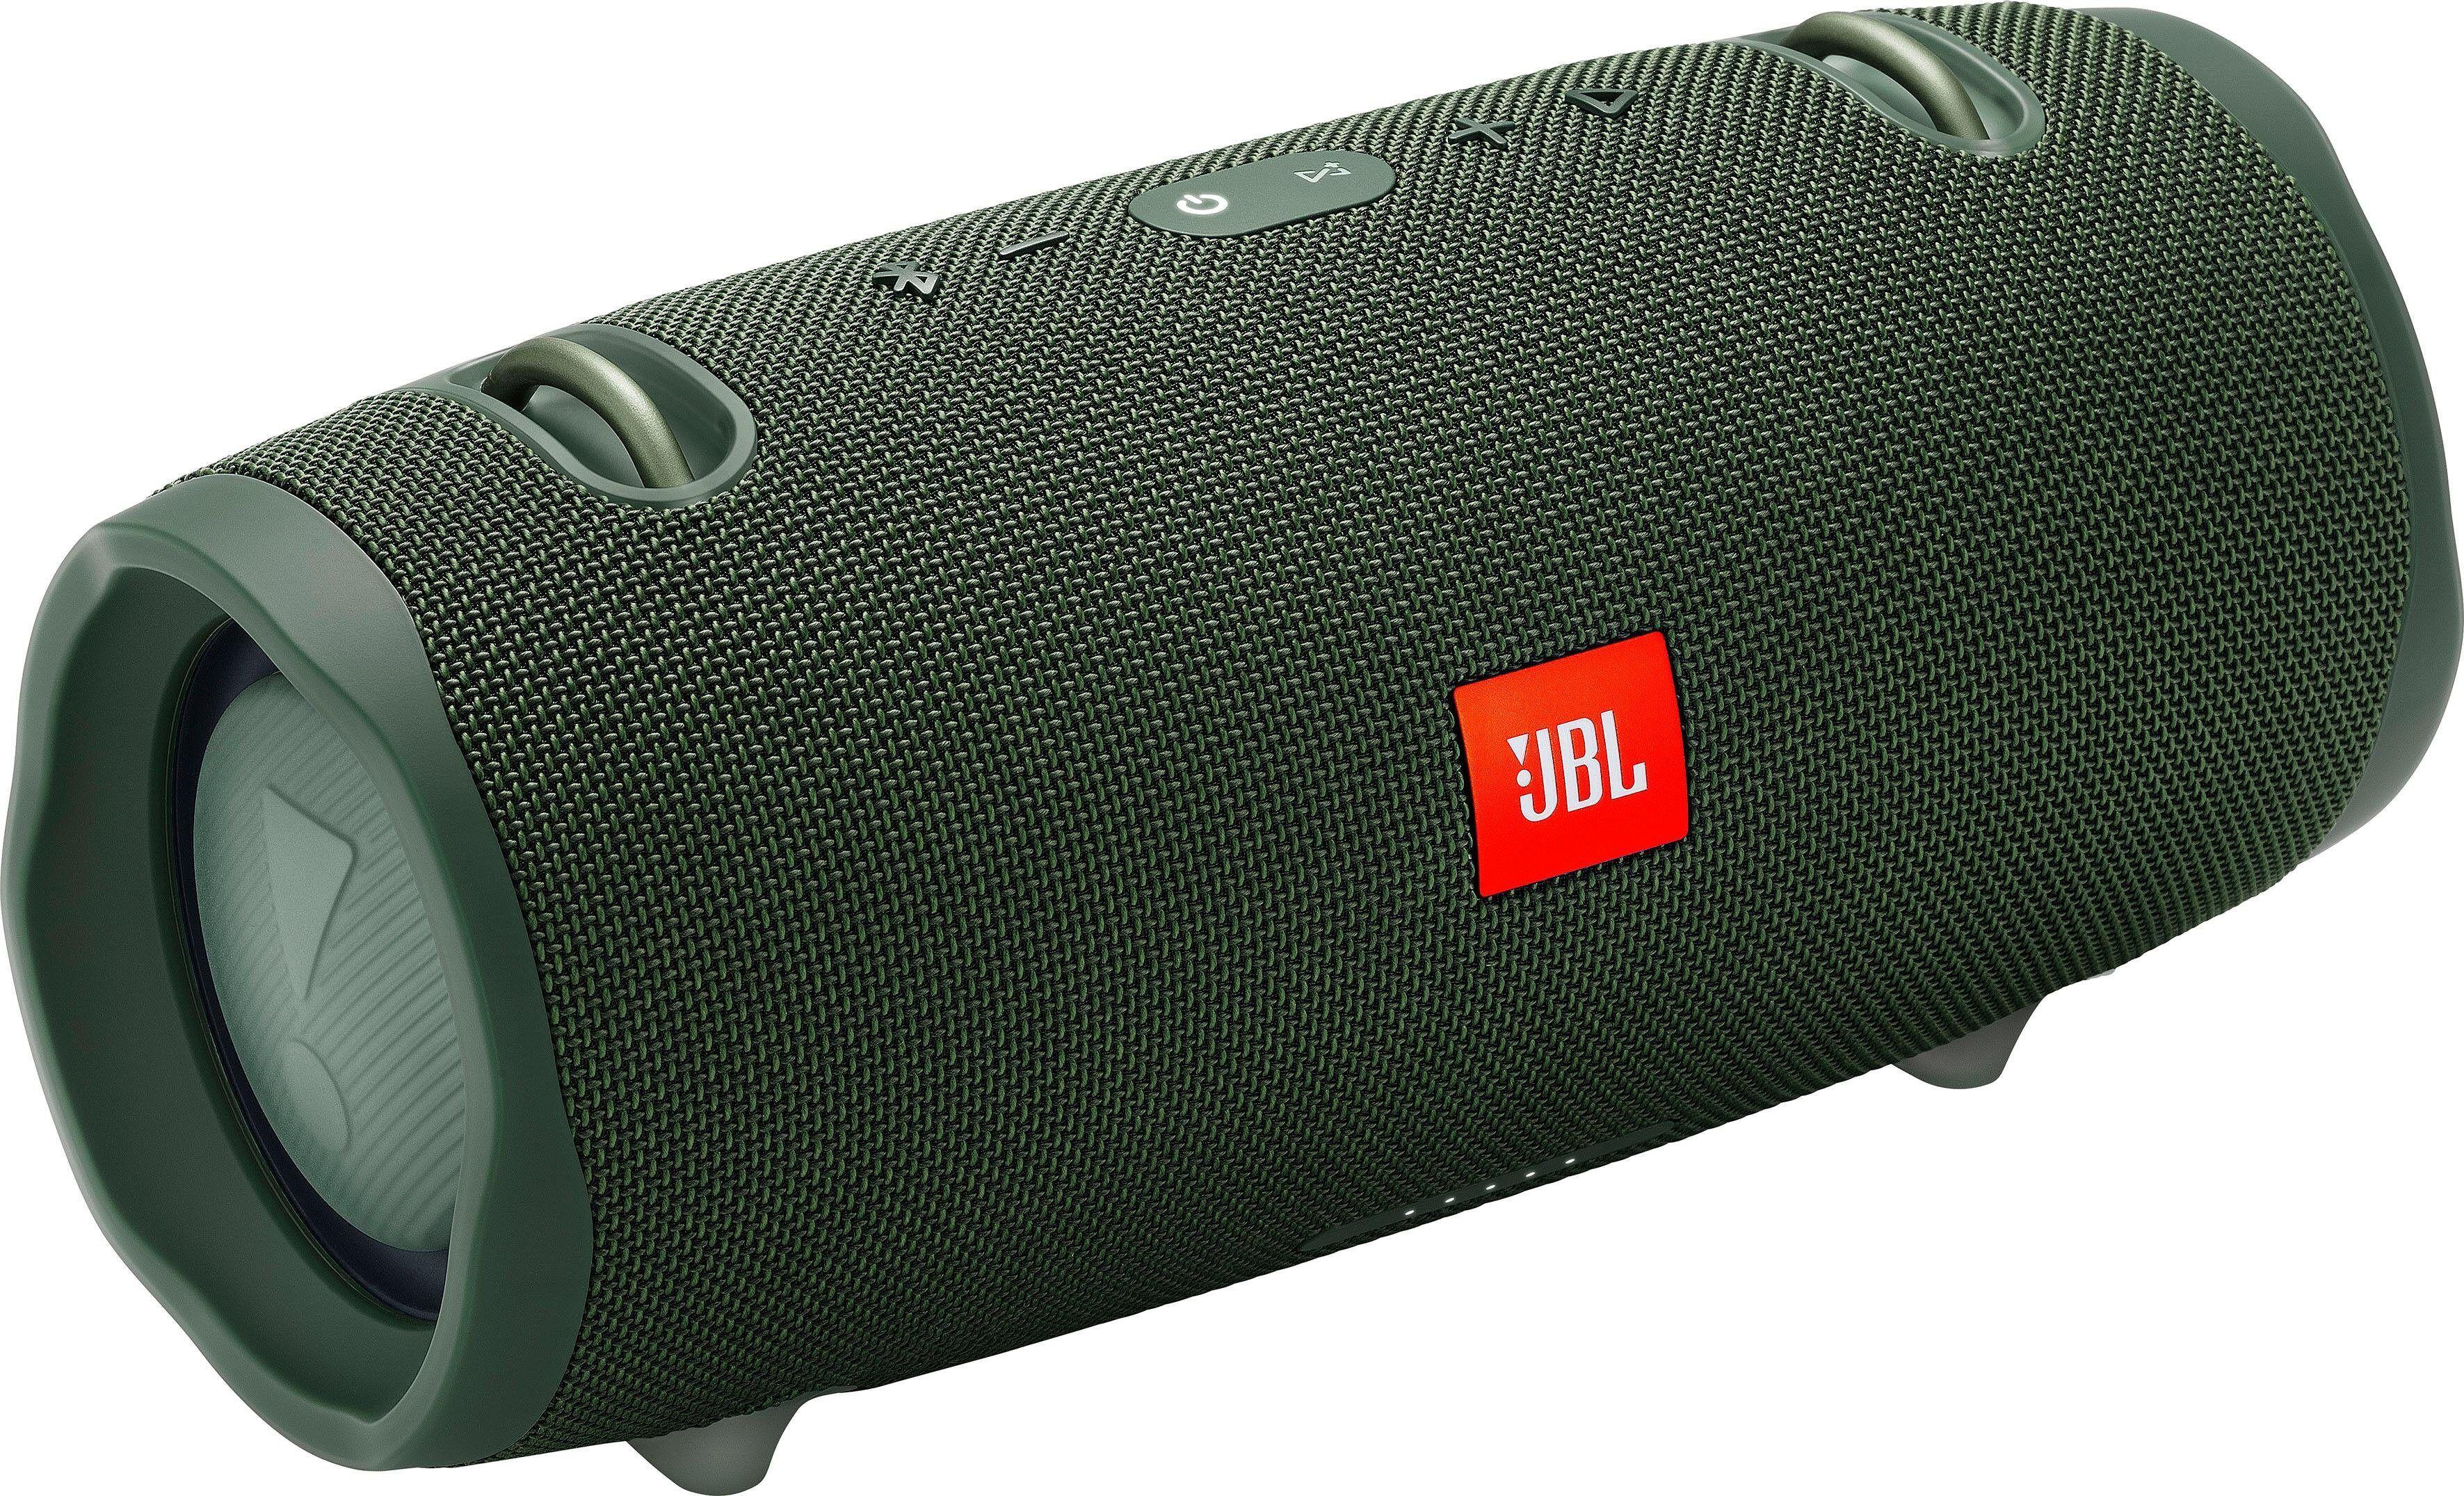 JBL Xtreme 2 ein Portable-Lautsprecher (Bluetooth, 40 W), grün